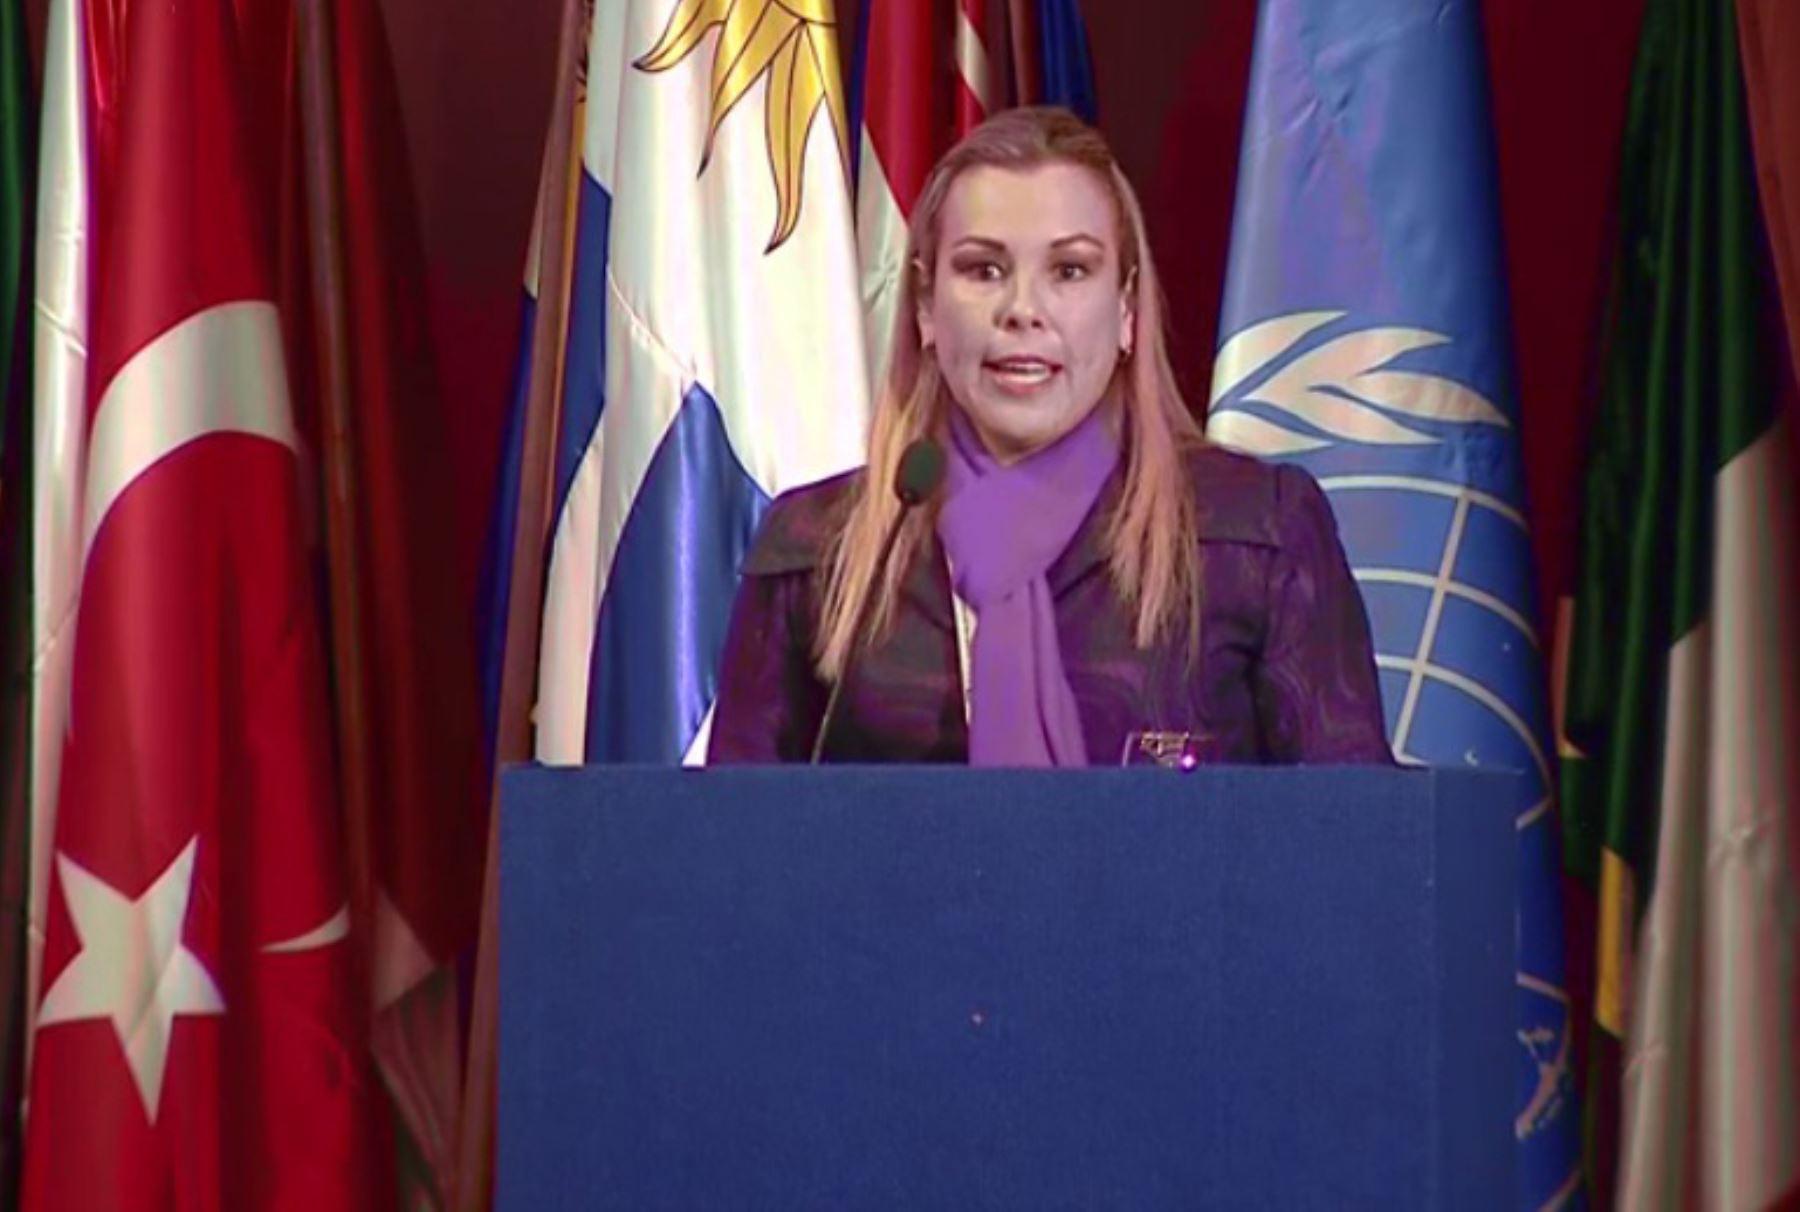 La ministra de Desarrollo e Inclusión Social (MIDIS), Fiorella Molinelli, asiste a la Conferencia Regional sobre Desarrollo Social y IX Foro Ministerial para Desarrollo de América Latina y el Caribe Foto: ANDINA/ Difusión